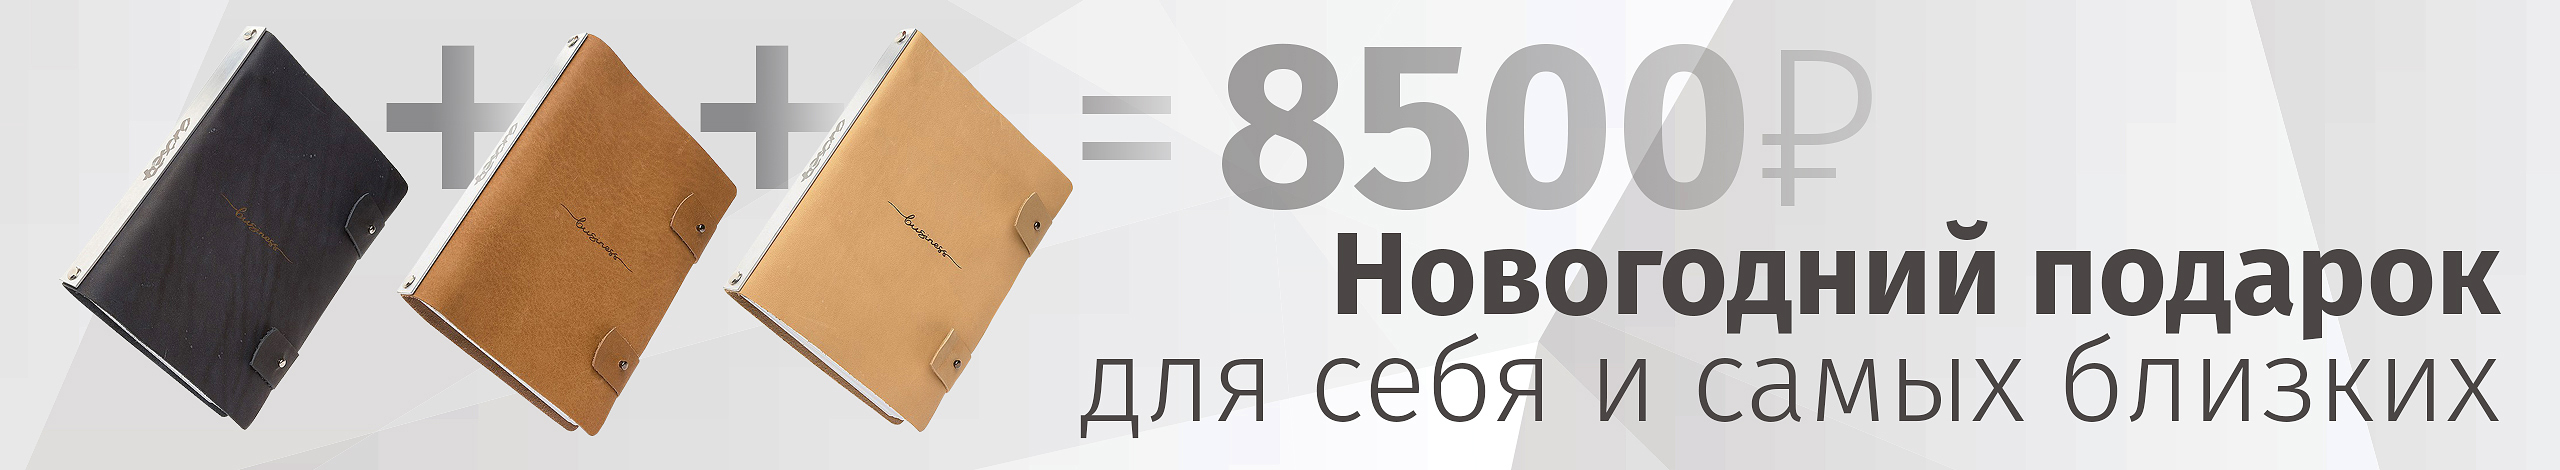 Три Tesoro business | Домашнее издательство Skrebeyko